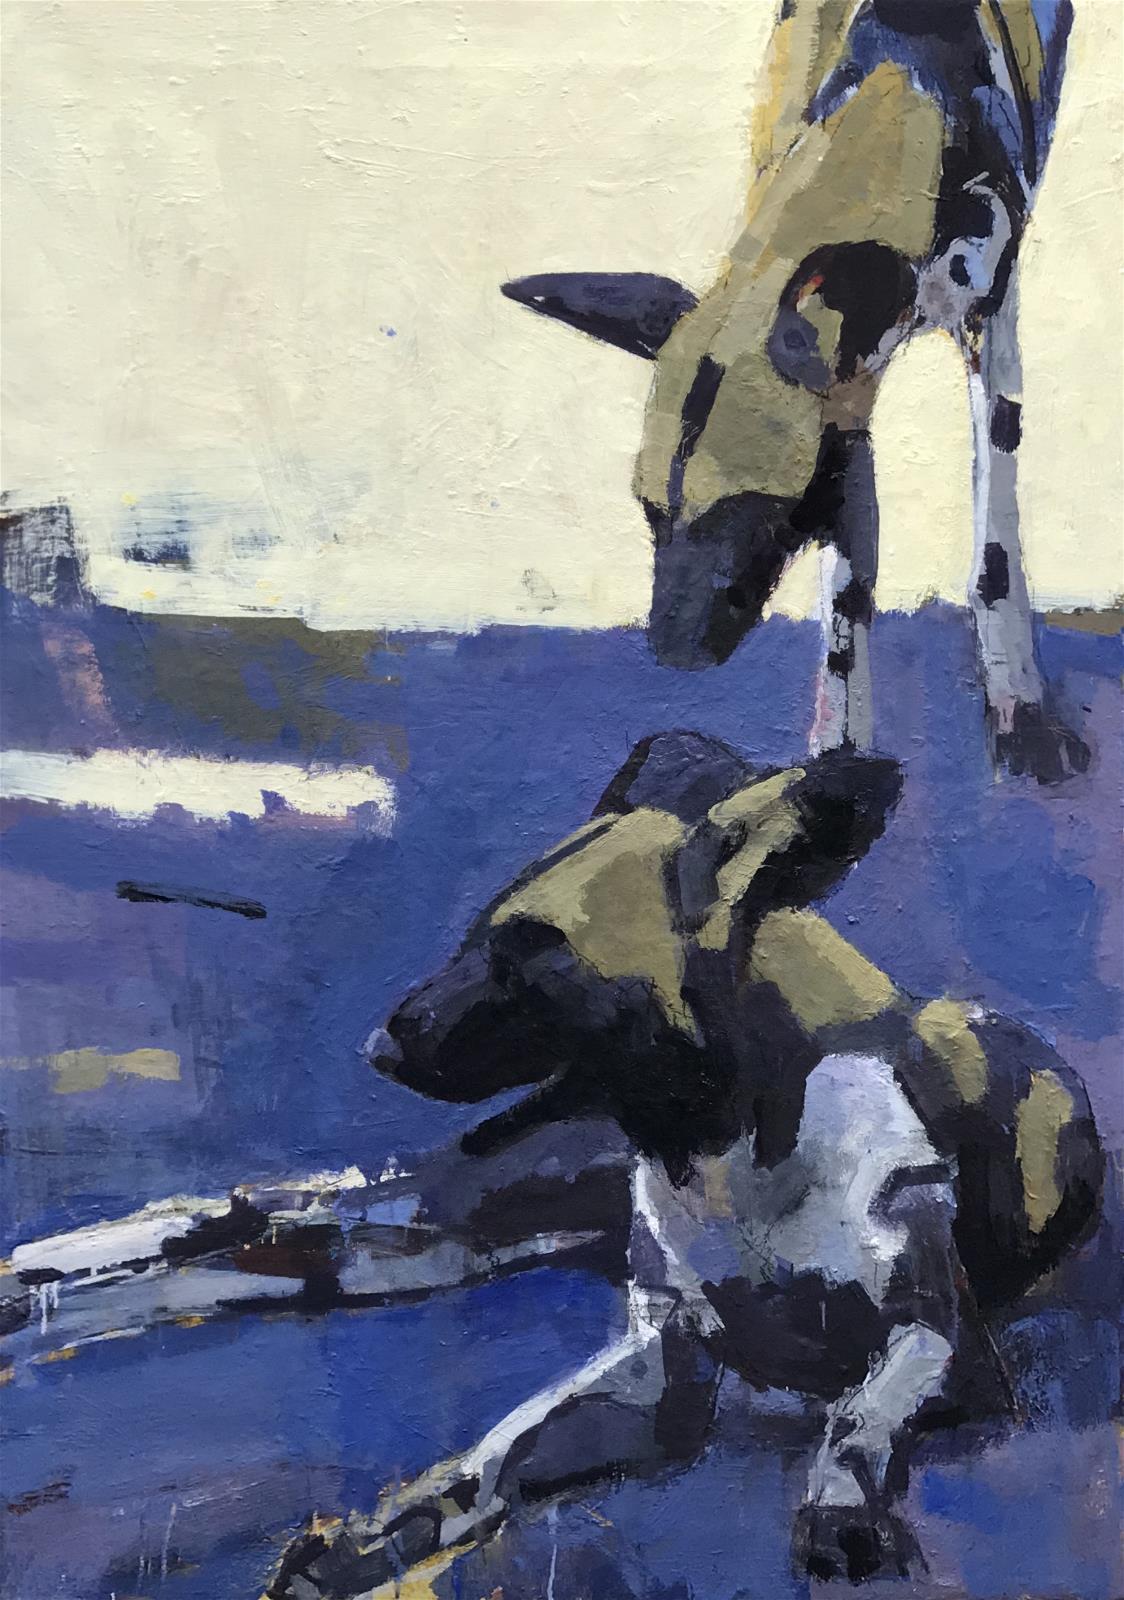 <p>Wild Dogs by John Dobbs</p>